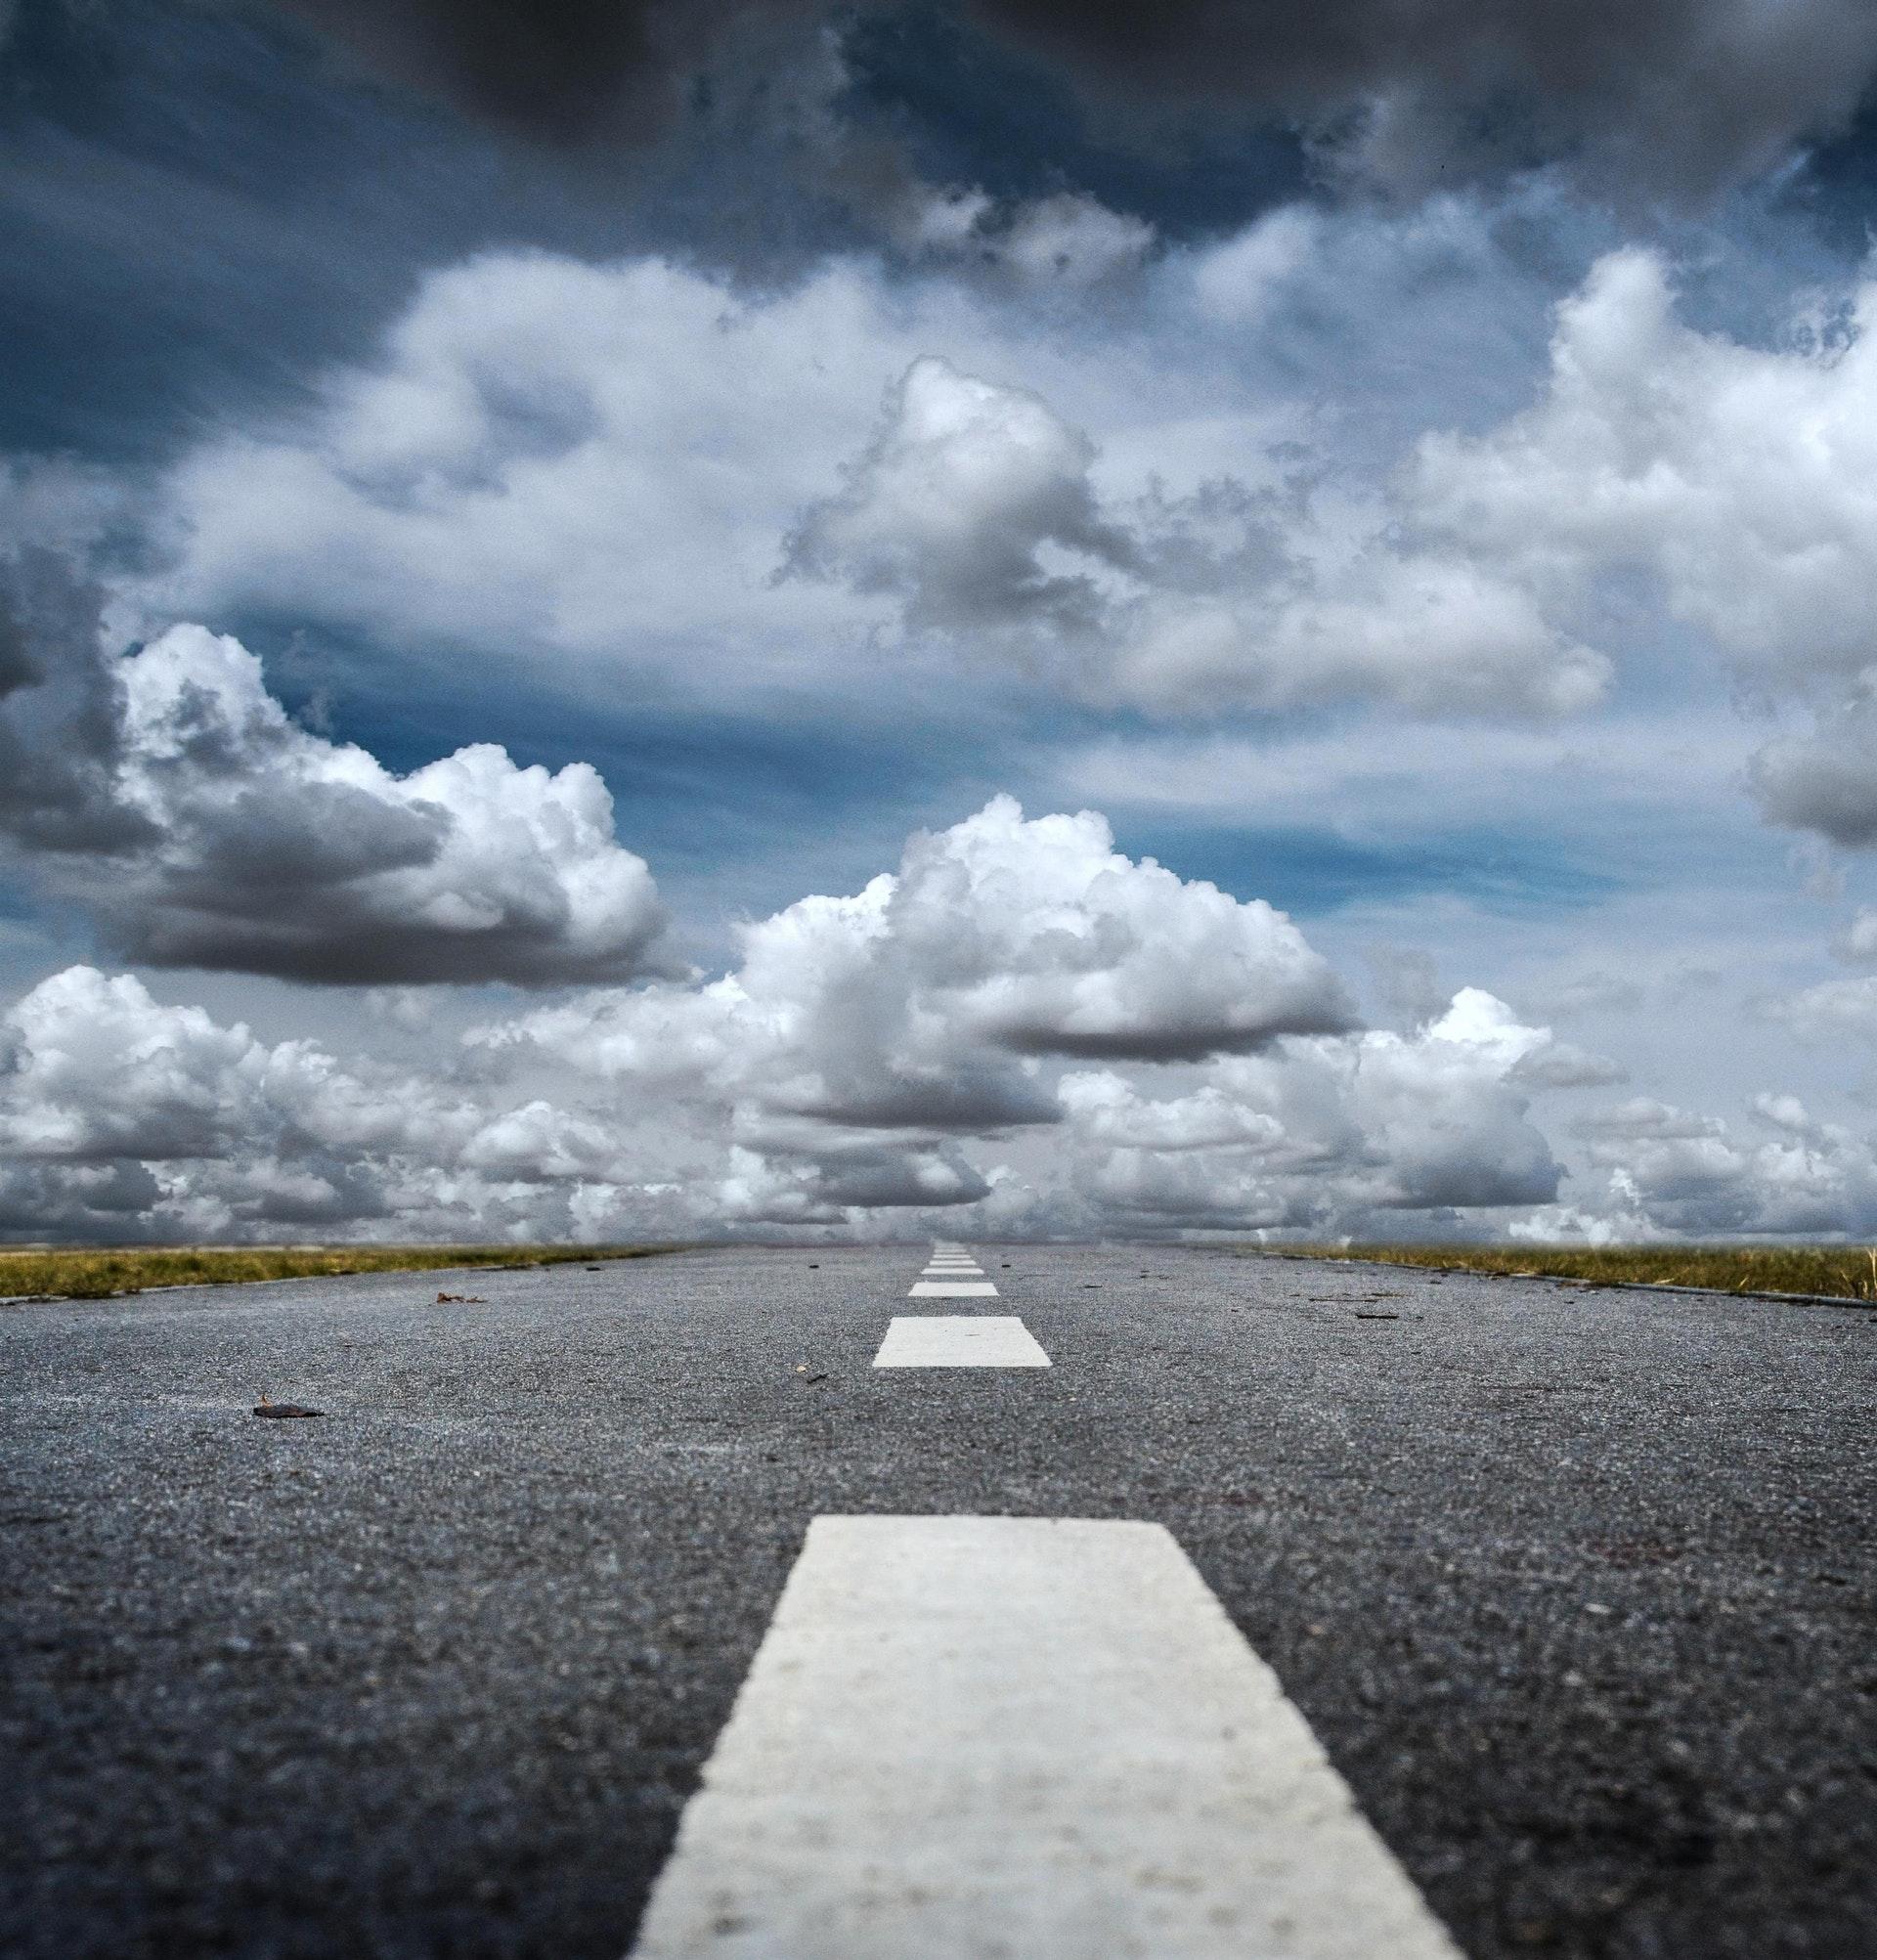 Vej, bil, trafik, kør, kørsel, bilist, natur, skyer, himmel